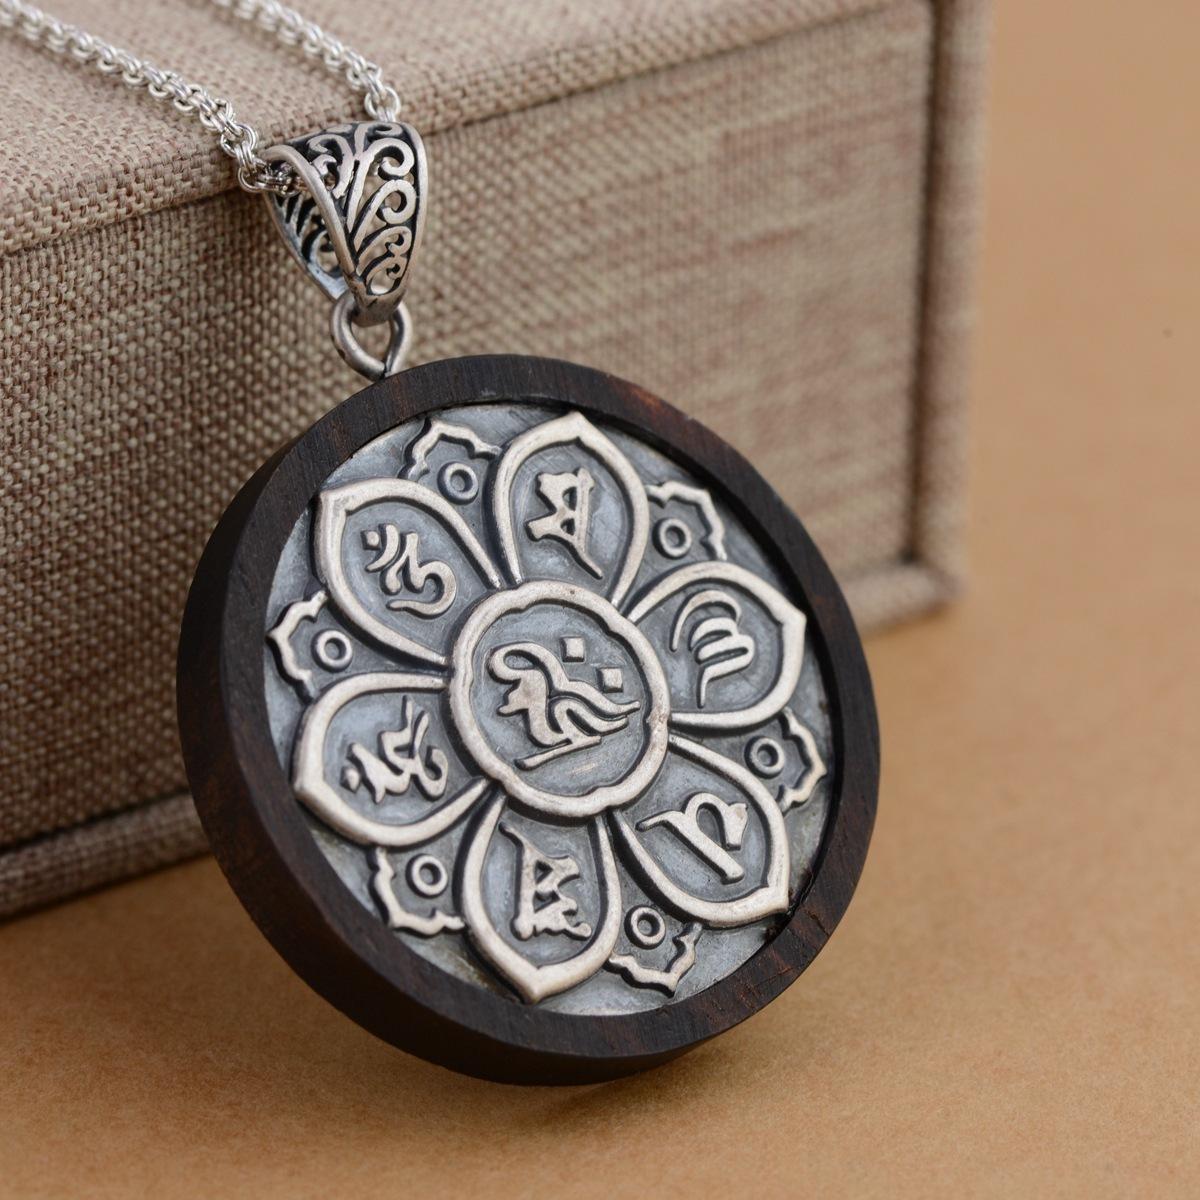 Real 925 sterling silver sandalo pendente mantra sei parole intagliato om ciondolo preghiera gioielli buddisti tibetani J190711